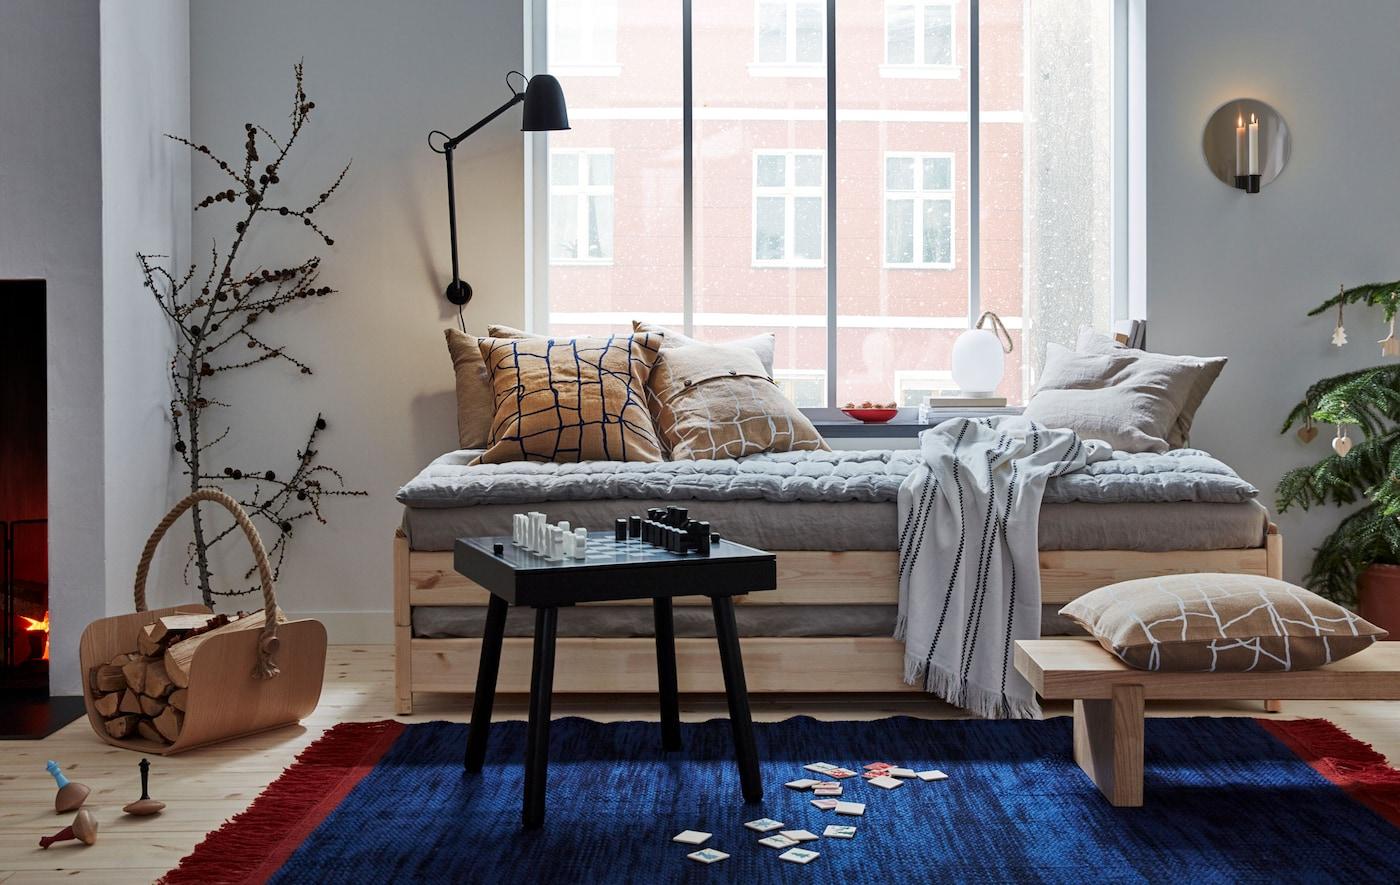 Salon sobrement meublé avec lit empilable sous une fenêtre, coussins, textiles, deux tables basses, grand tapis.